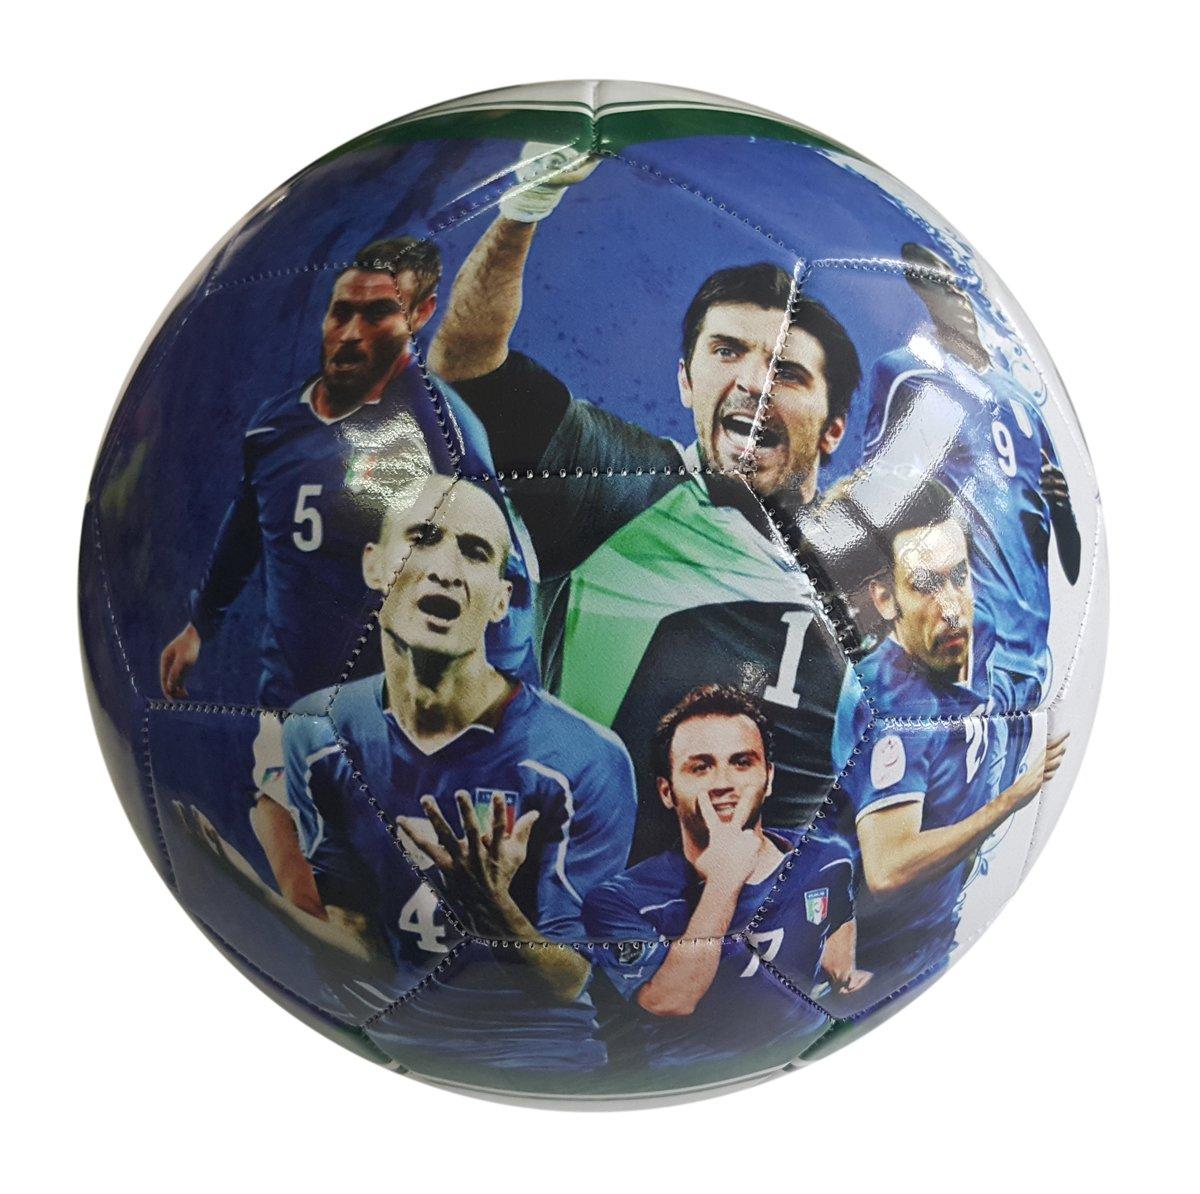 IsportギフトイタリアナショナルチームKidsサッカーボールサイズ5 for Kids & Adult プレミアムギフトユースサッカーボールユニークなデザイン耐久性ソフト構造 B0721911ZZSize 5